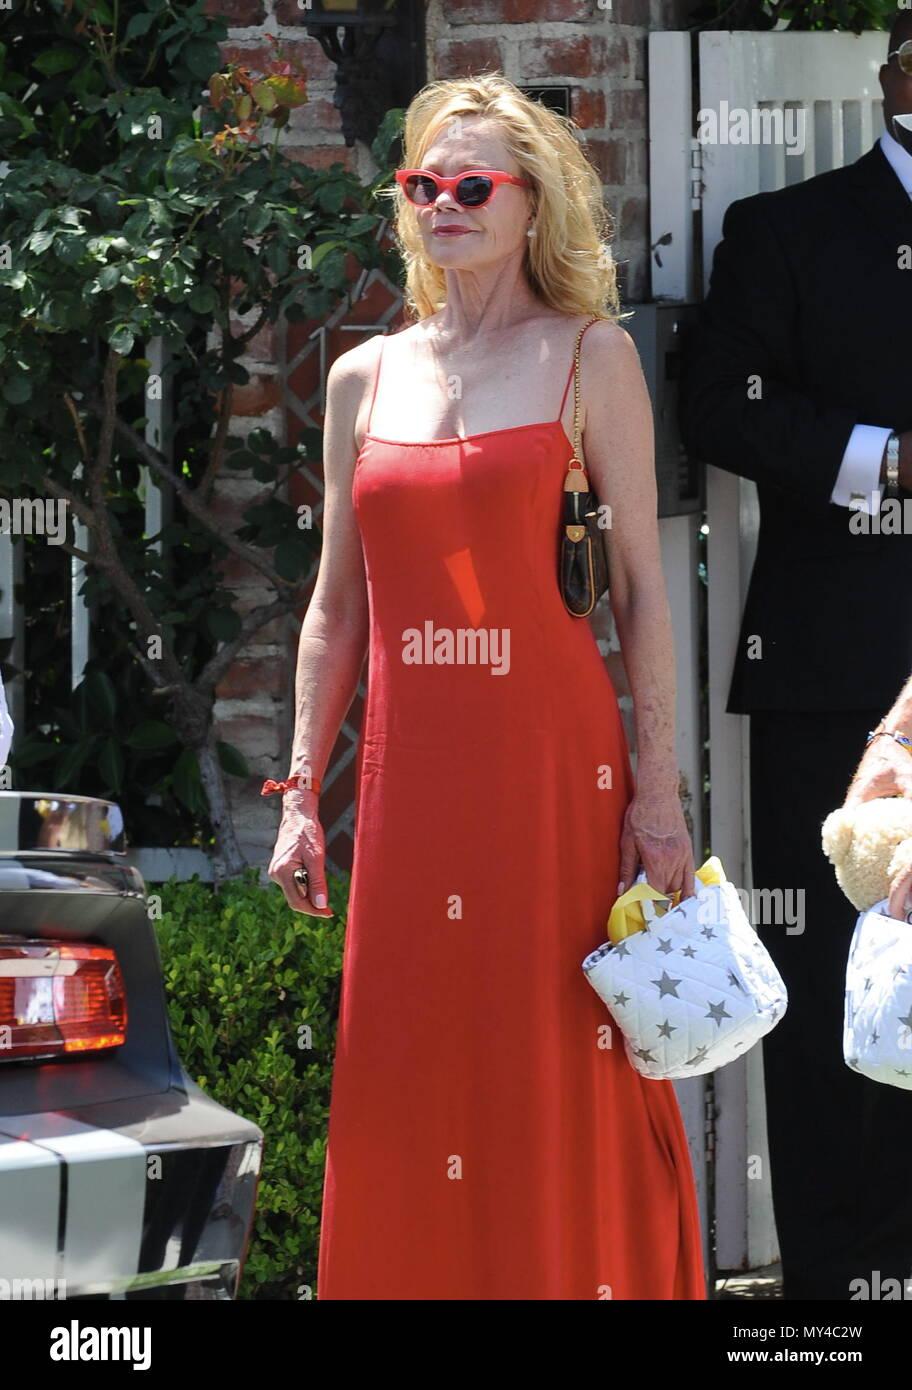 L actrice Melanie Griffith assiste à la douche de bébé Eva Longoria dans  une robe rouge transparente et une forme de coeur lunettes de soleil. fbfc16951305